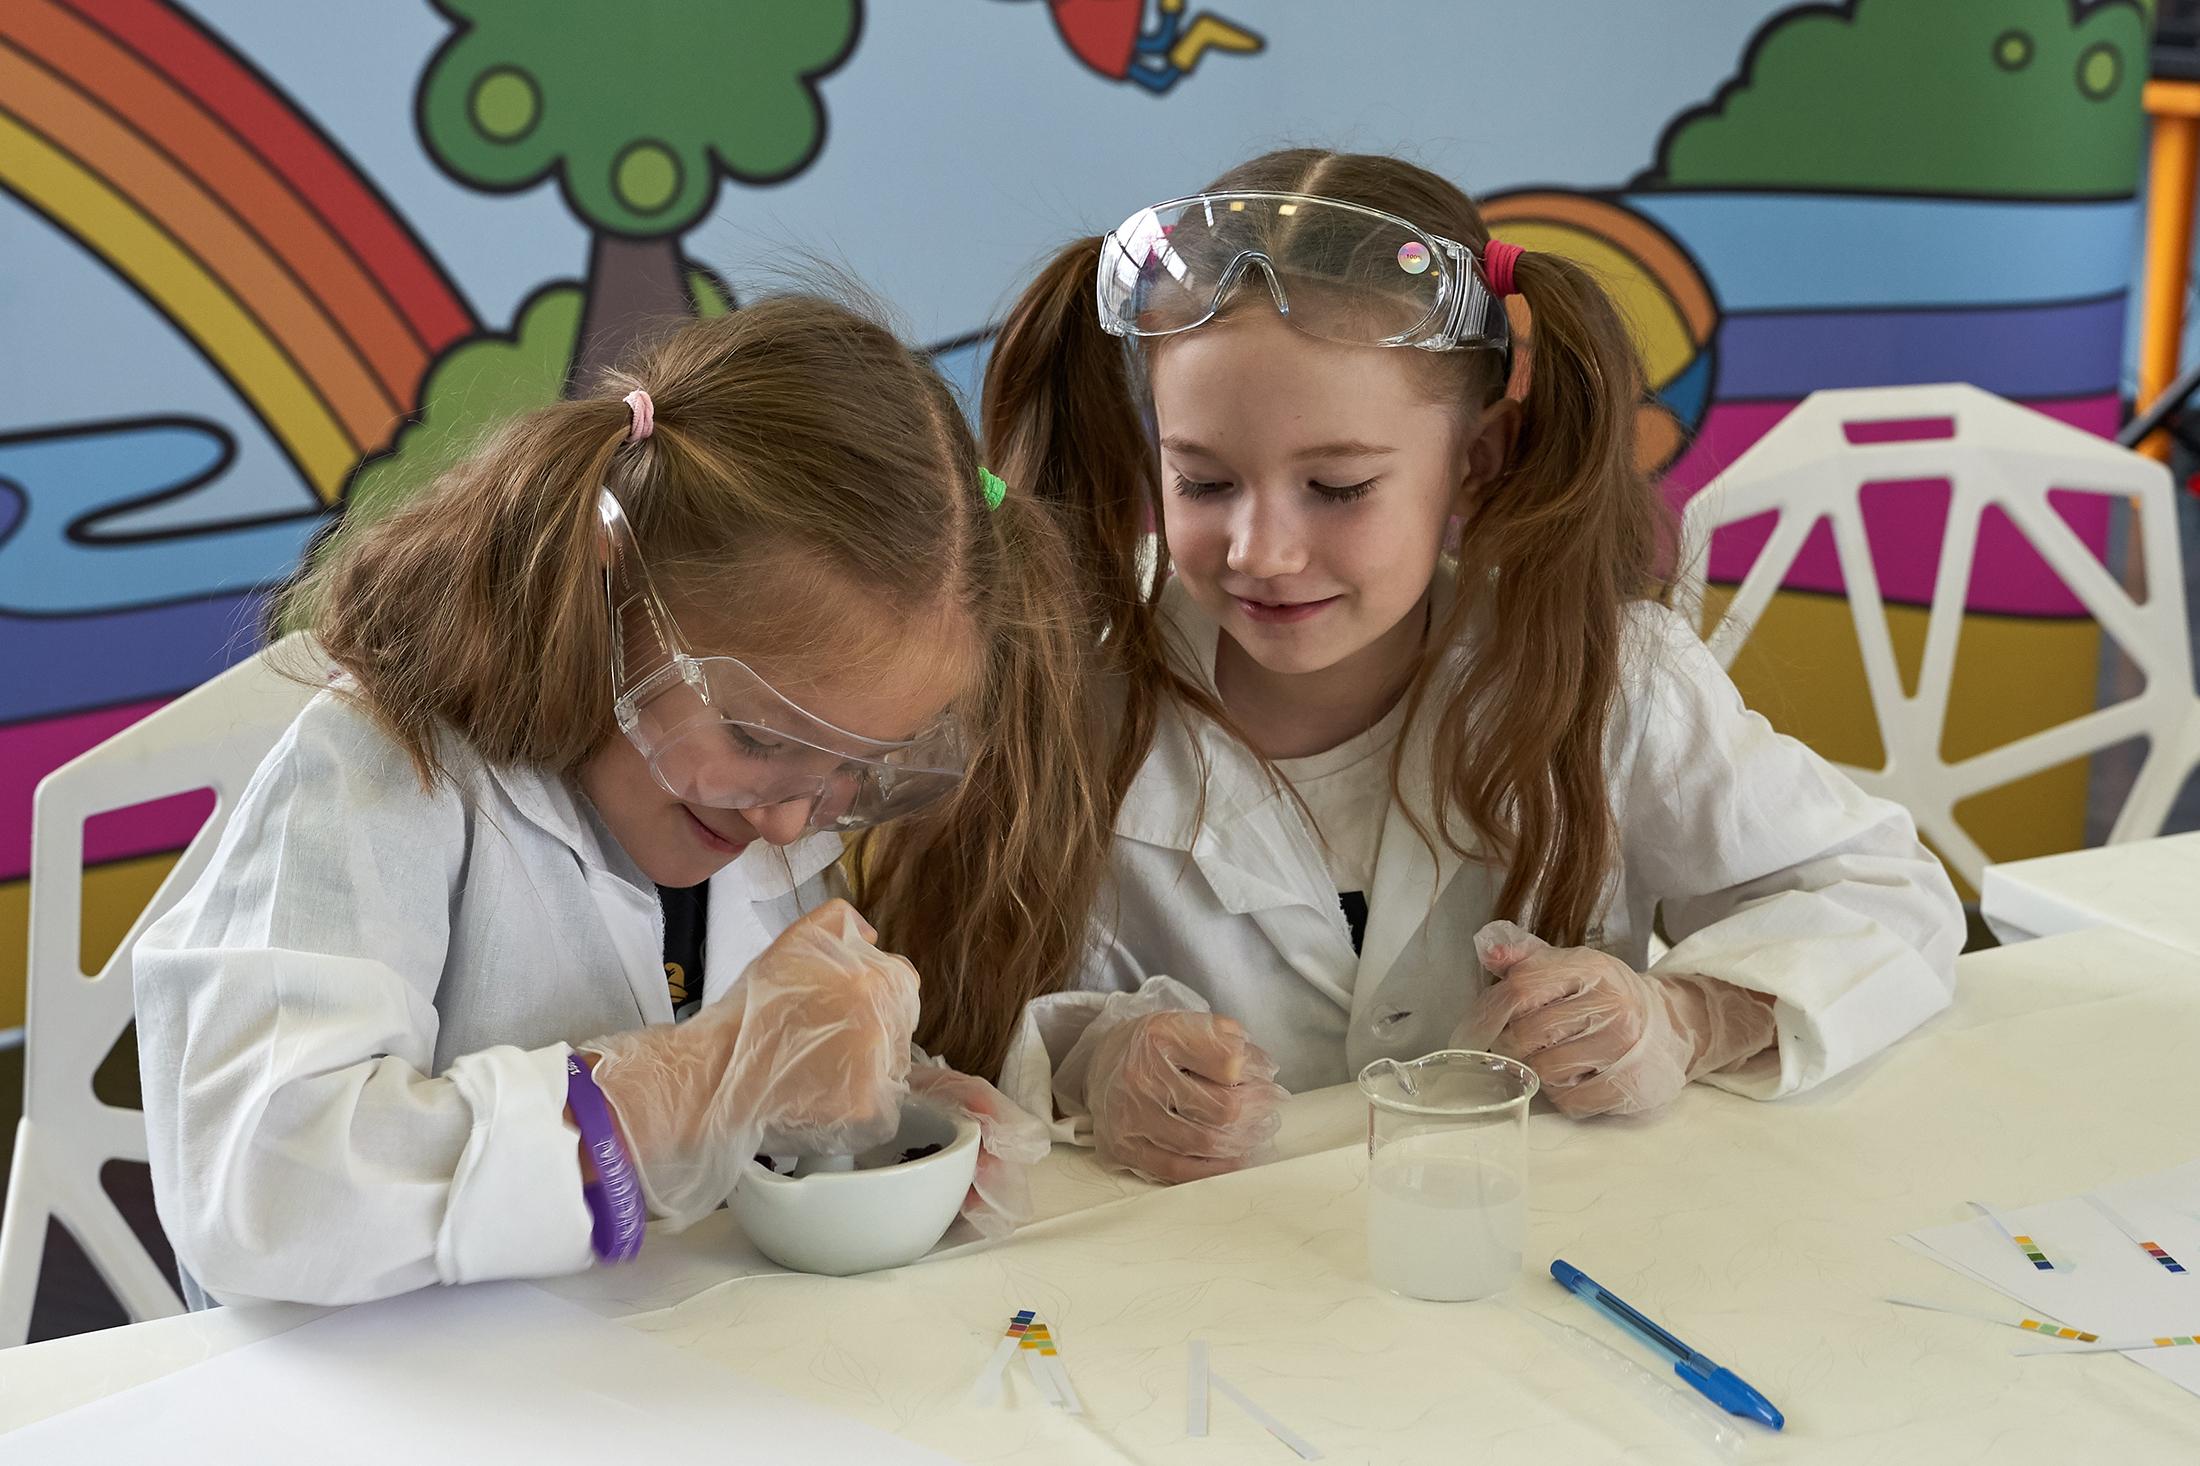 Юные исследователи проводят свои первые научные эксперименты.